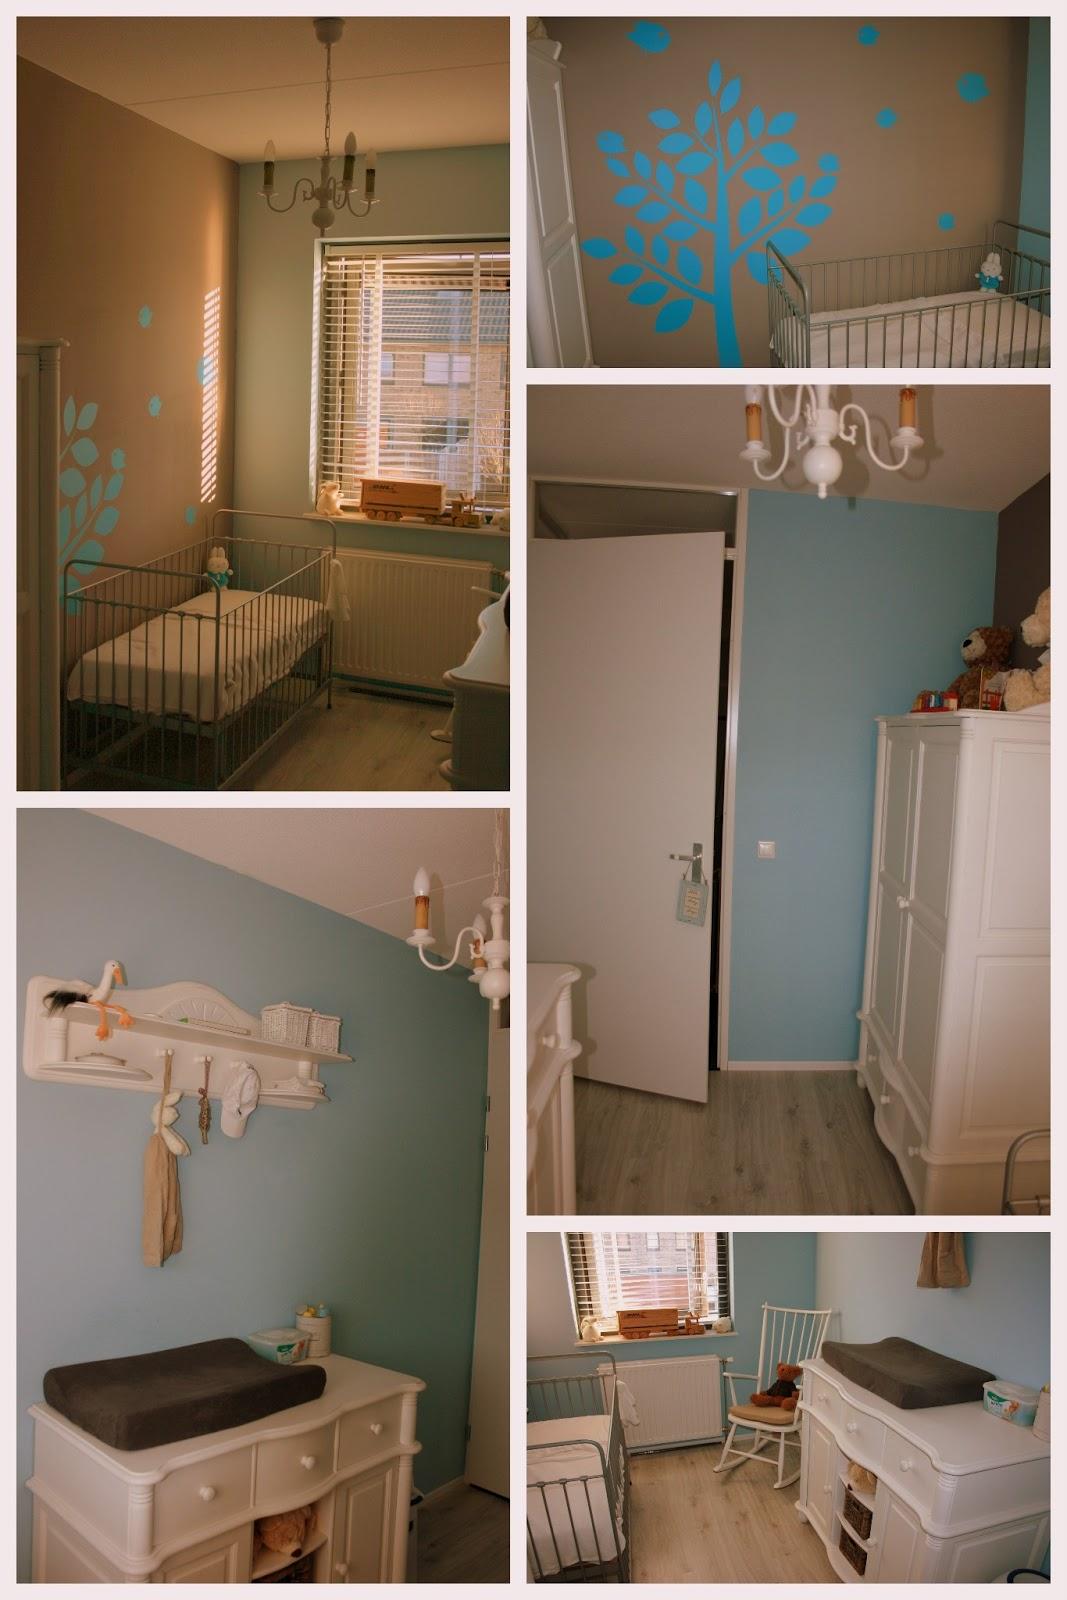 Nostalchique nathan 39 s kamer - Kleur kamer jongen jaar ...